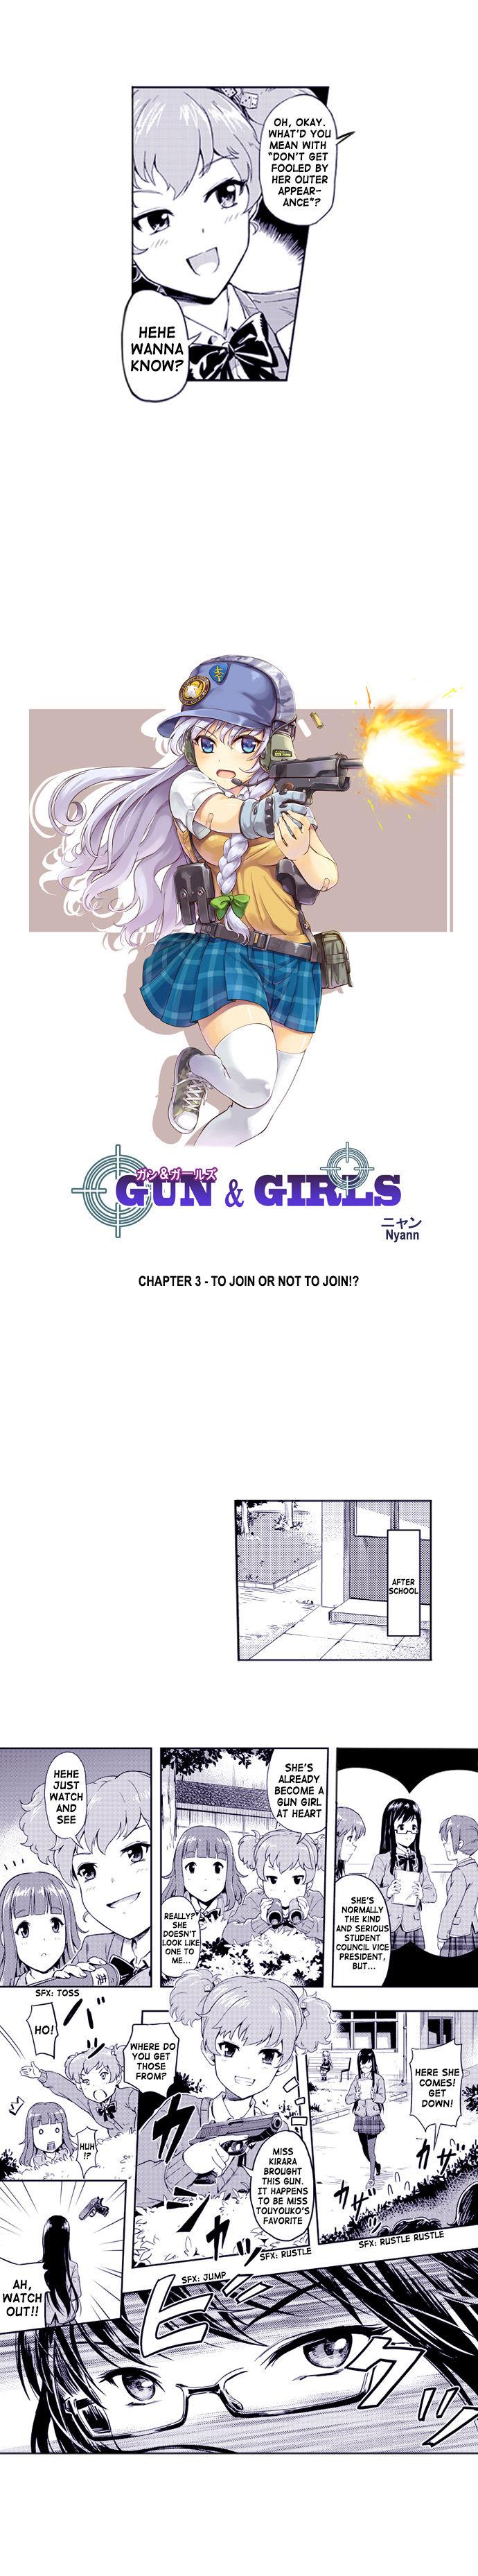 Gun & Girls 3 Page 1